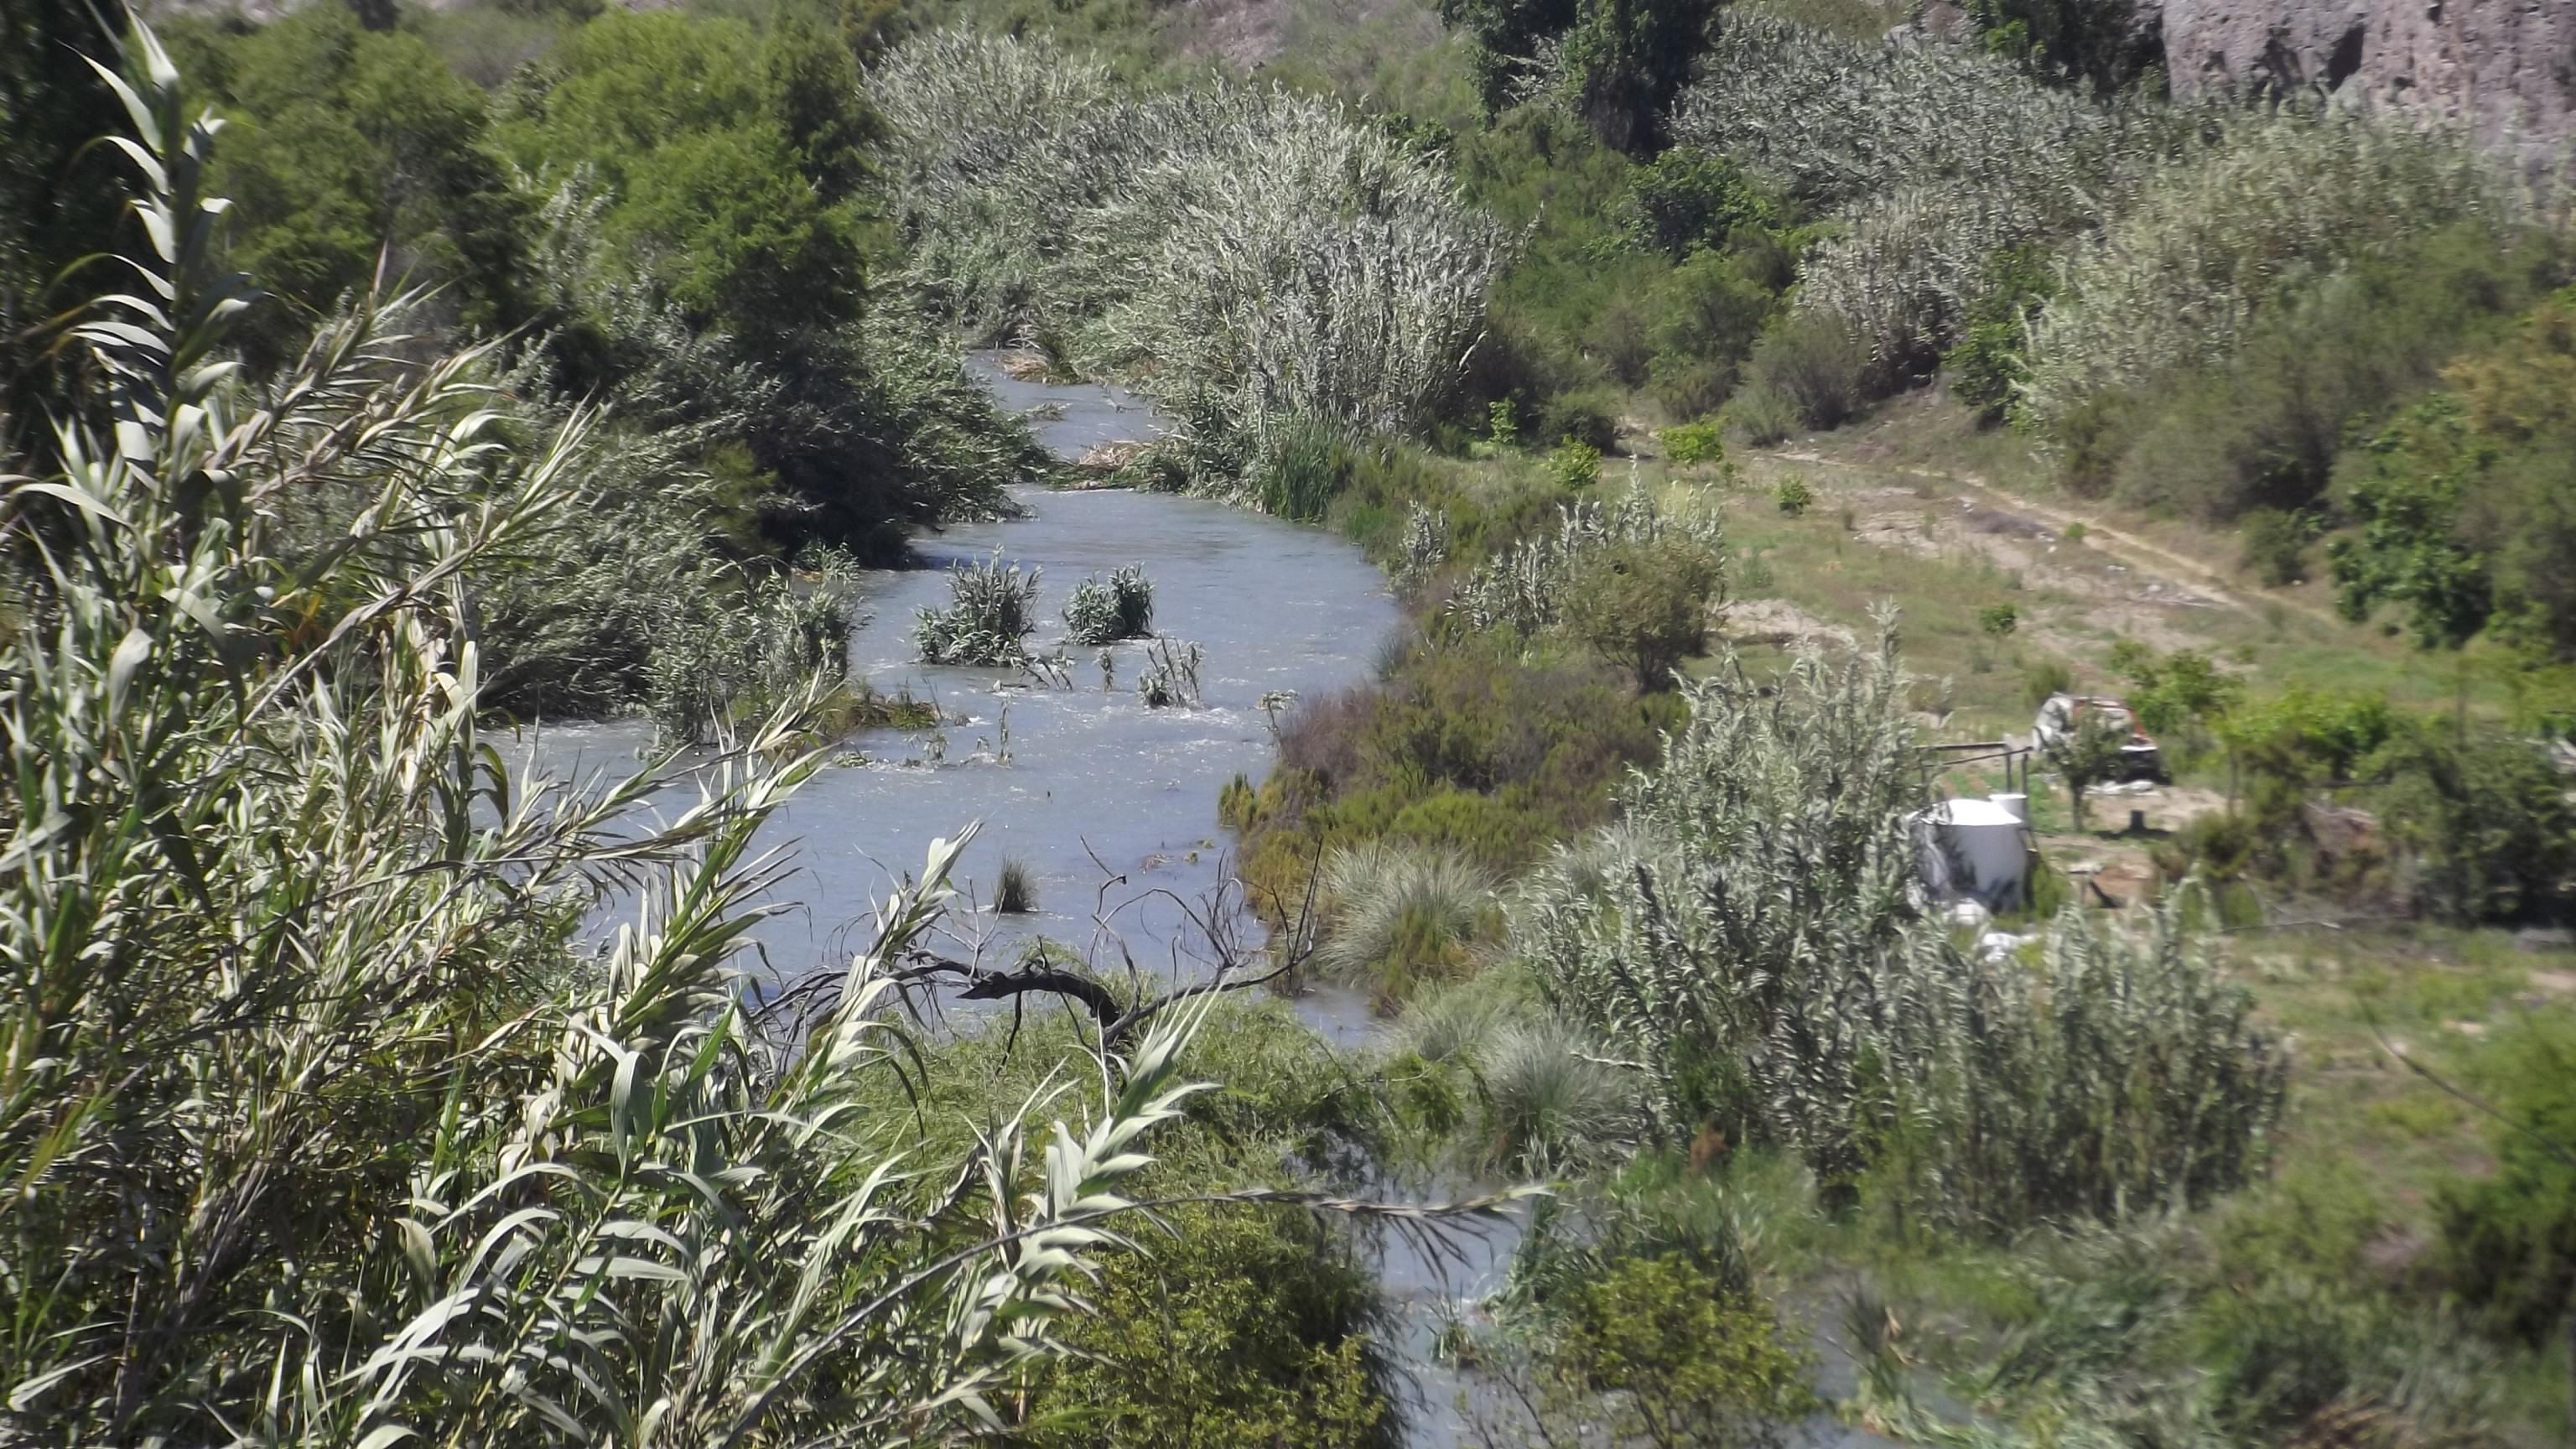 Llaman a la precaución por aumento del caudal del río Huasco